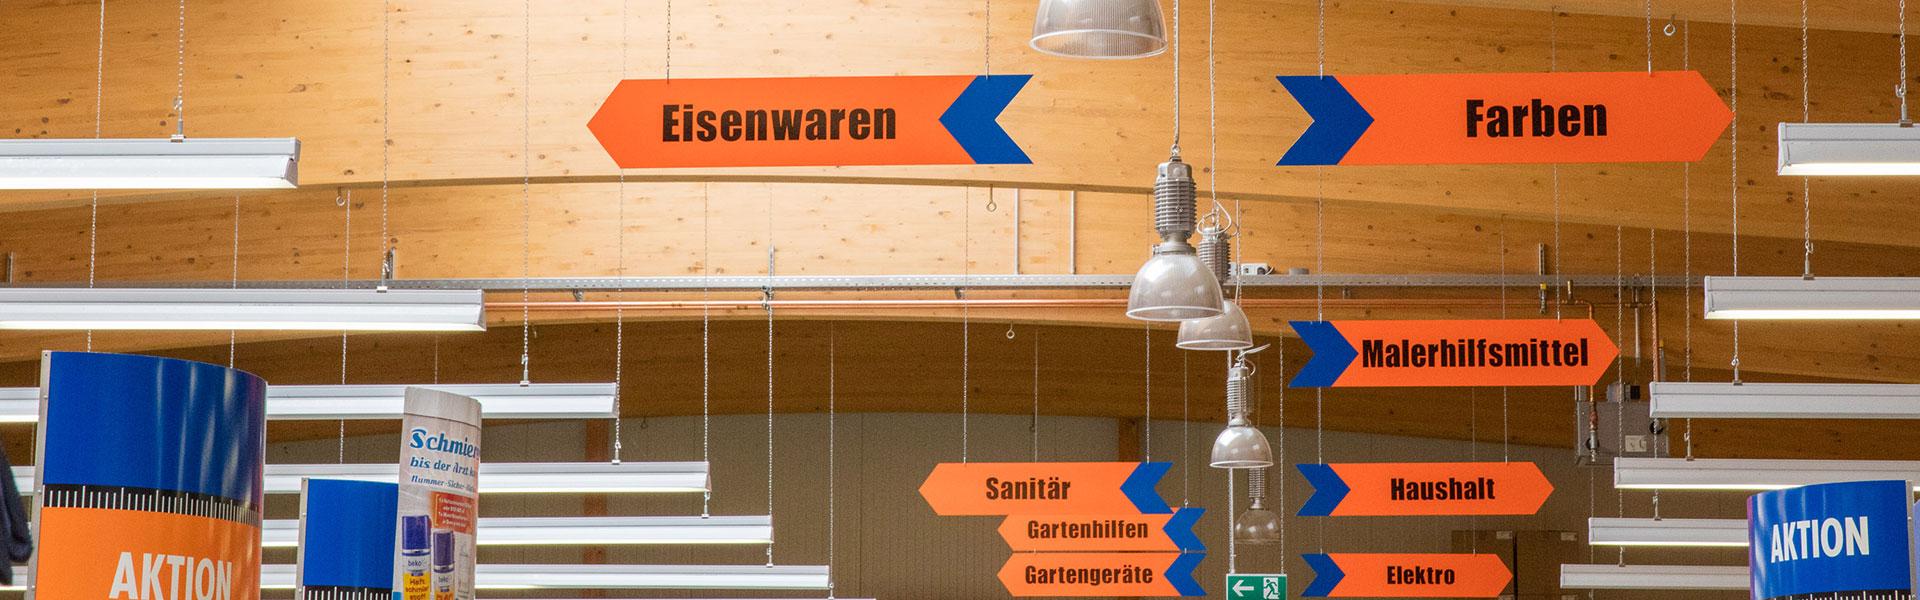 Baumarkt in Velden